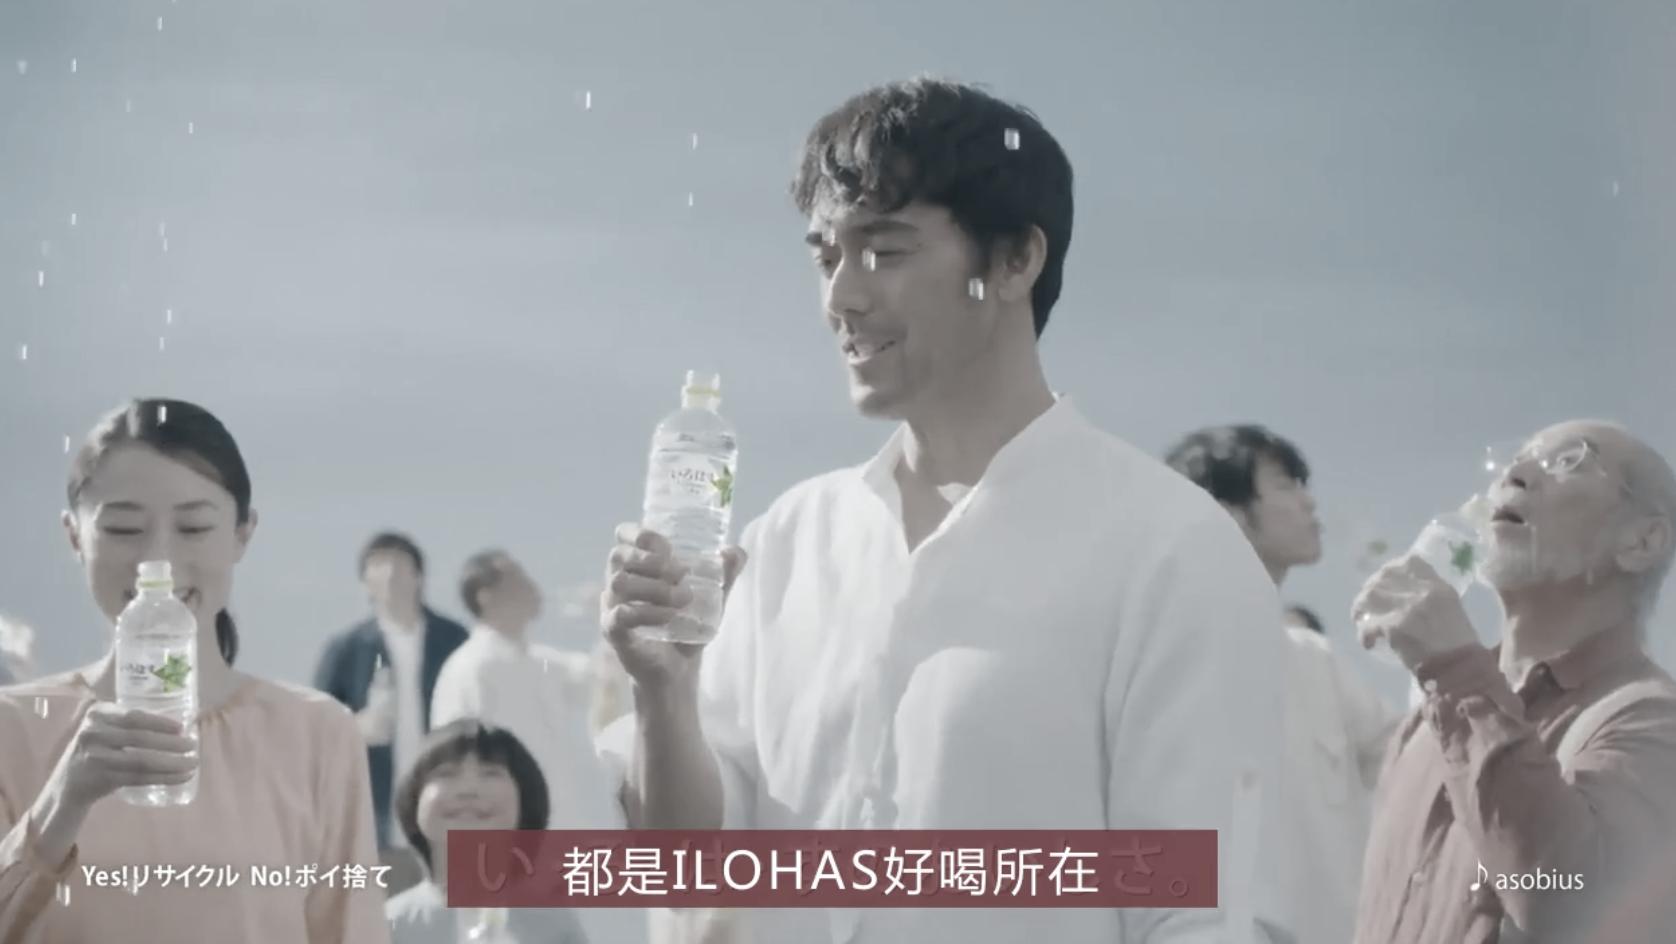 日本廣告:阿部寛代言ILOHAS矿泉水广告